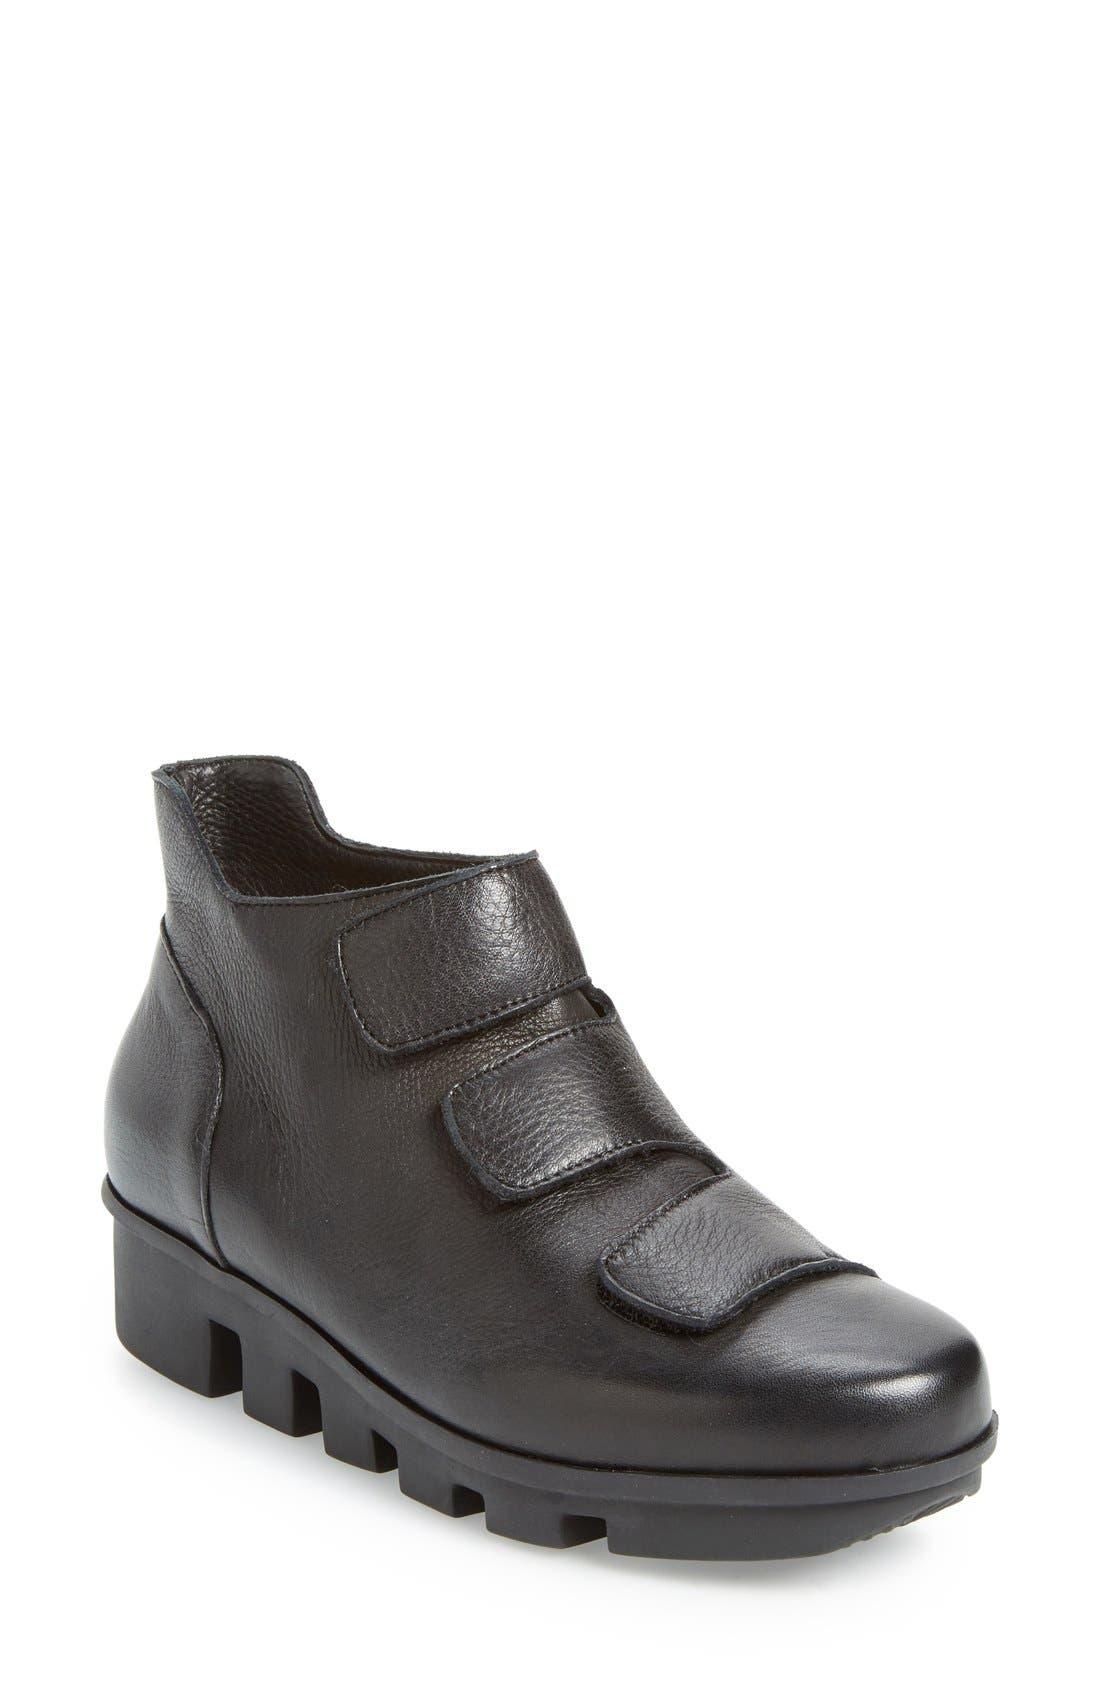 L'AMOUR DES PIEDS,                             'Harmonee' Sneaker,                             Main thumbnail 1, color,                             001